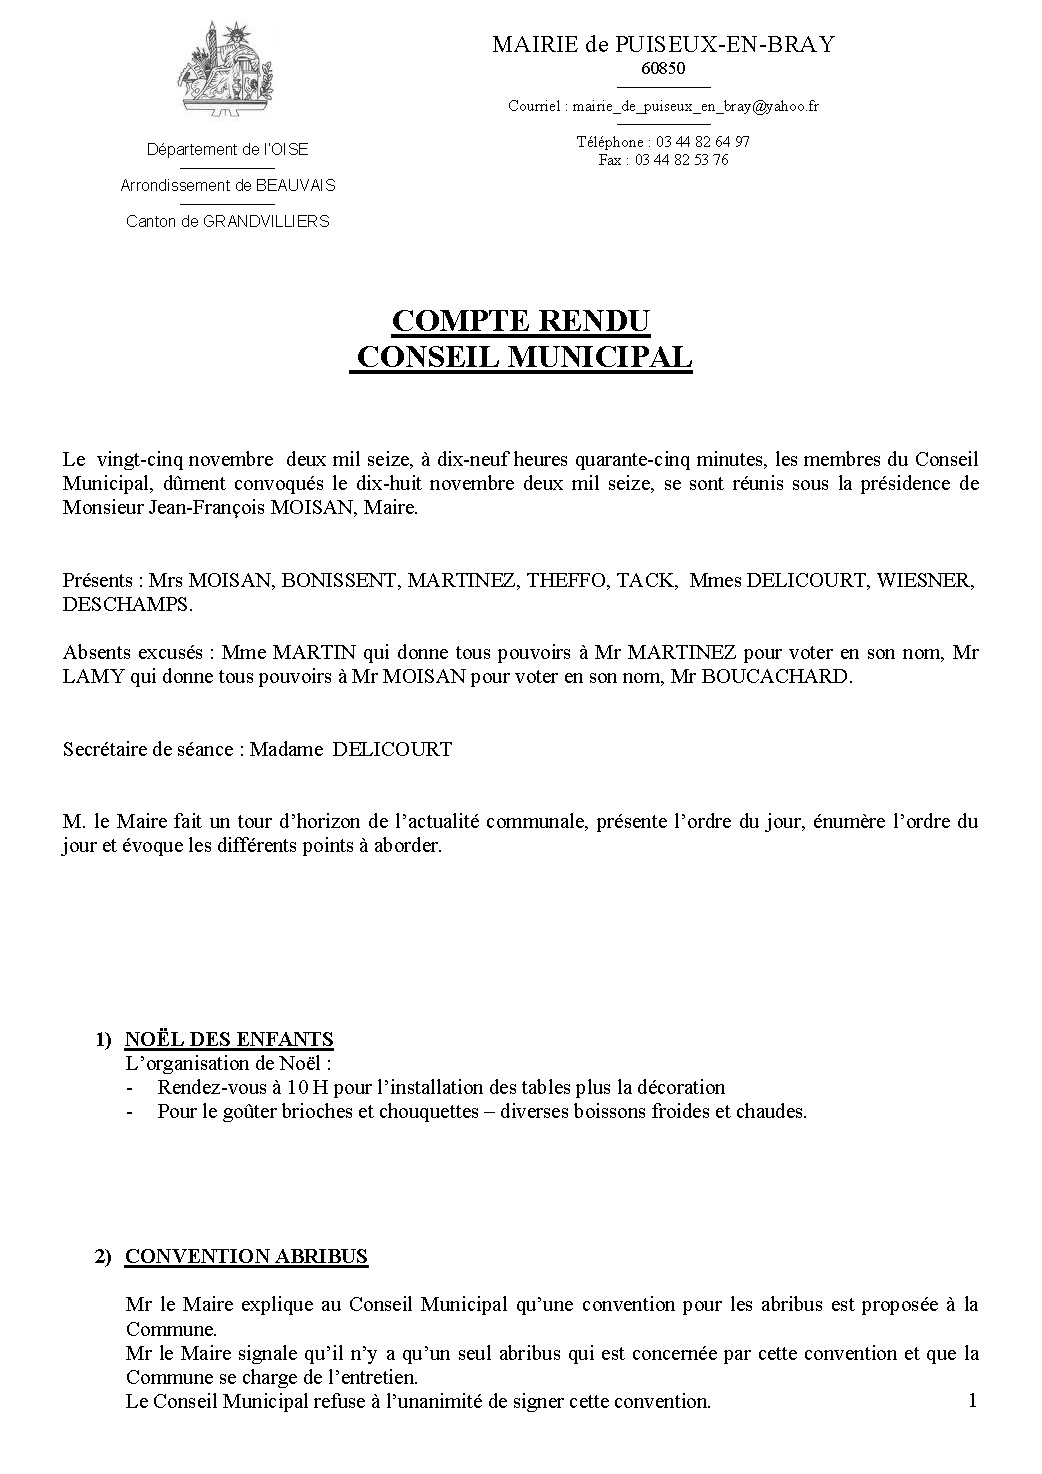 cr-du-25112016-page-1